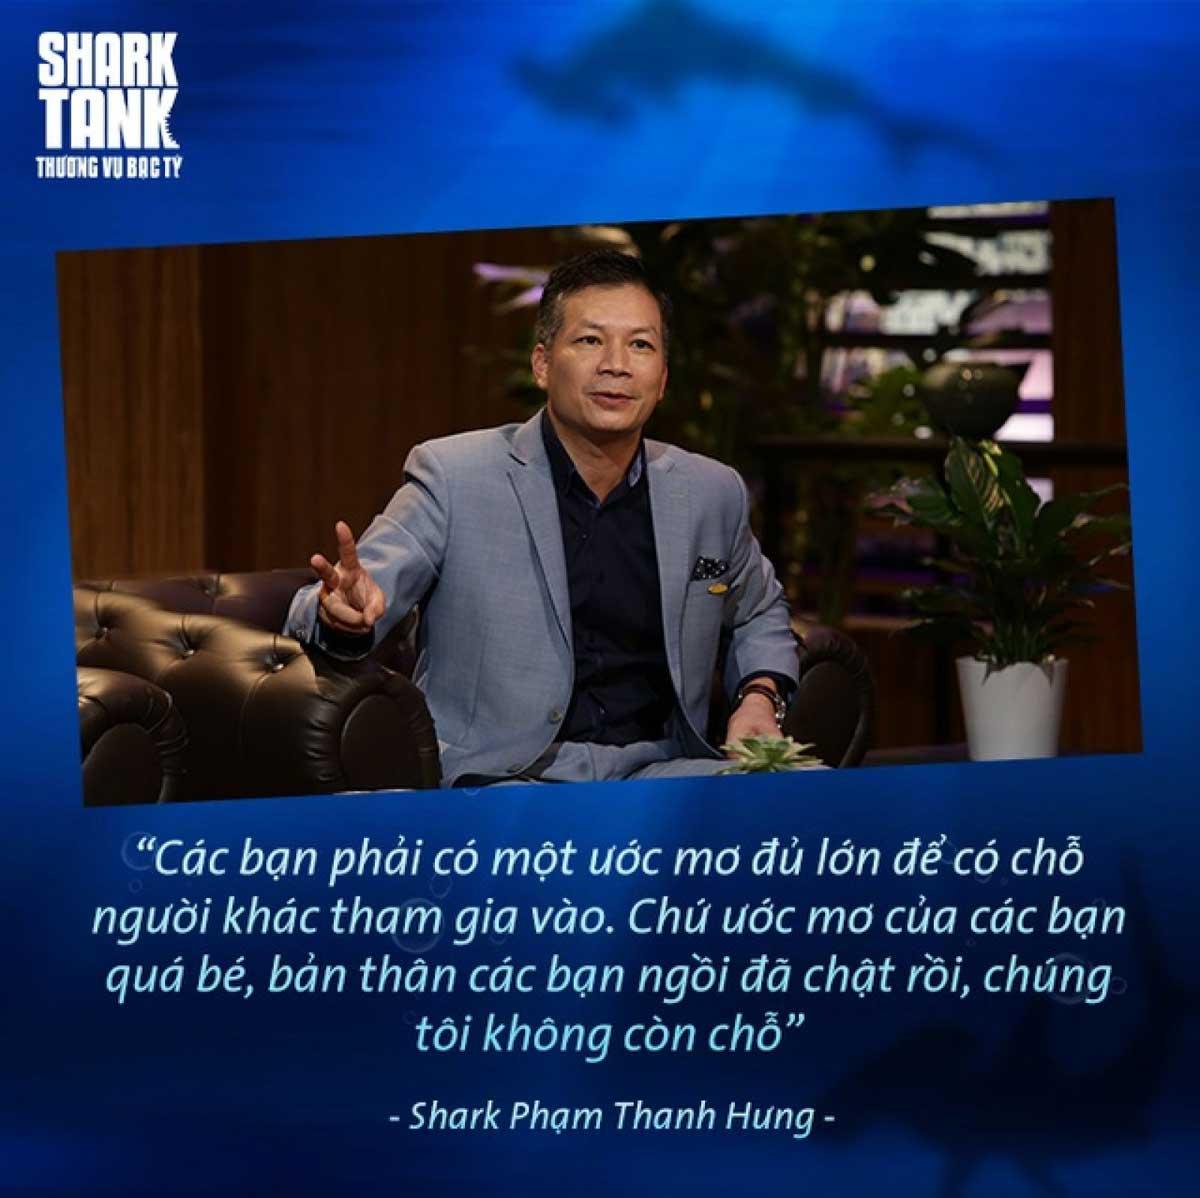 SHARK PHẠM THANH HƯNG trong Shark Tank Viet Nam - SHARK PHẠM THANH HƯNG LÀ AI? CON ĐƯỜNG THÀNH CÔNG CỦA PHẠM THANH HƯNG